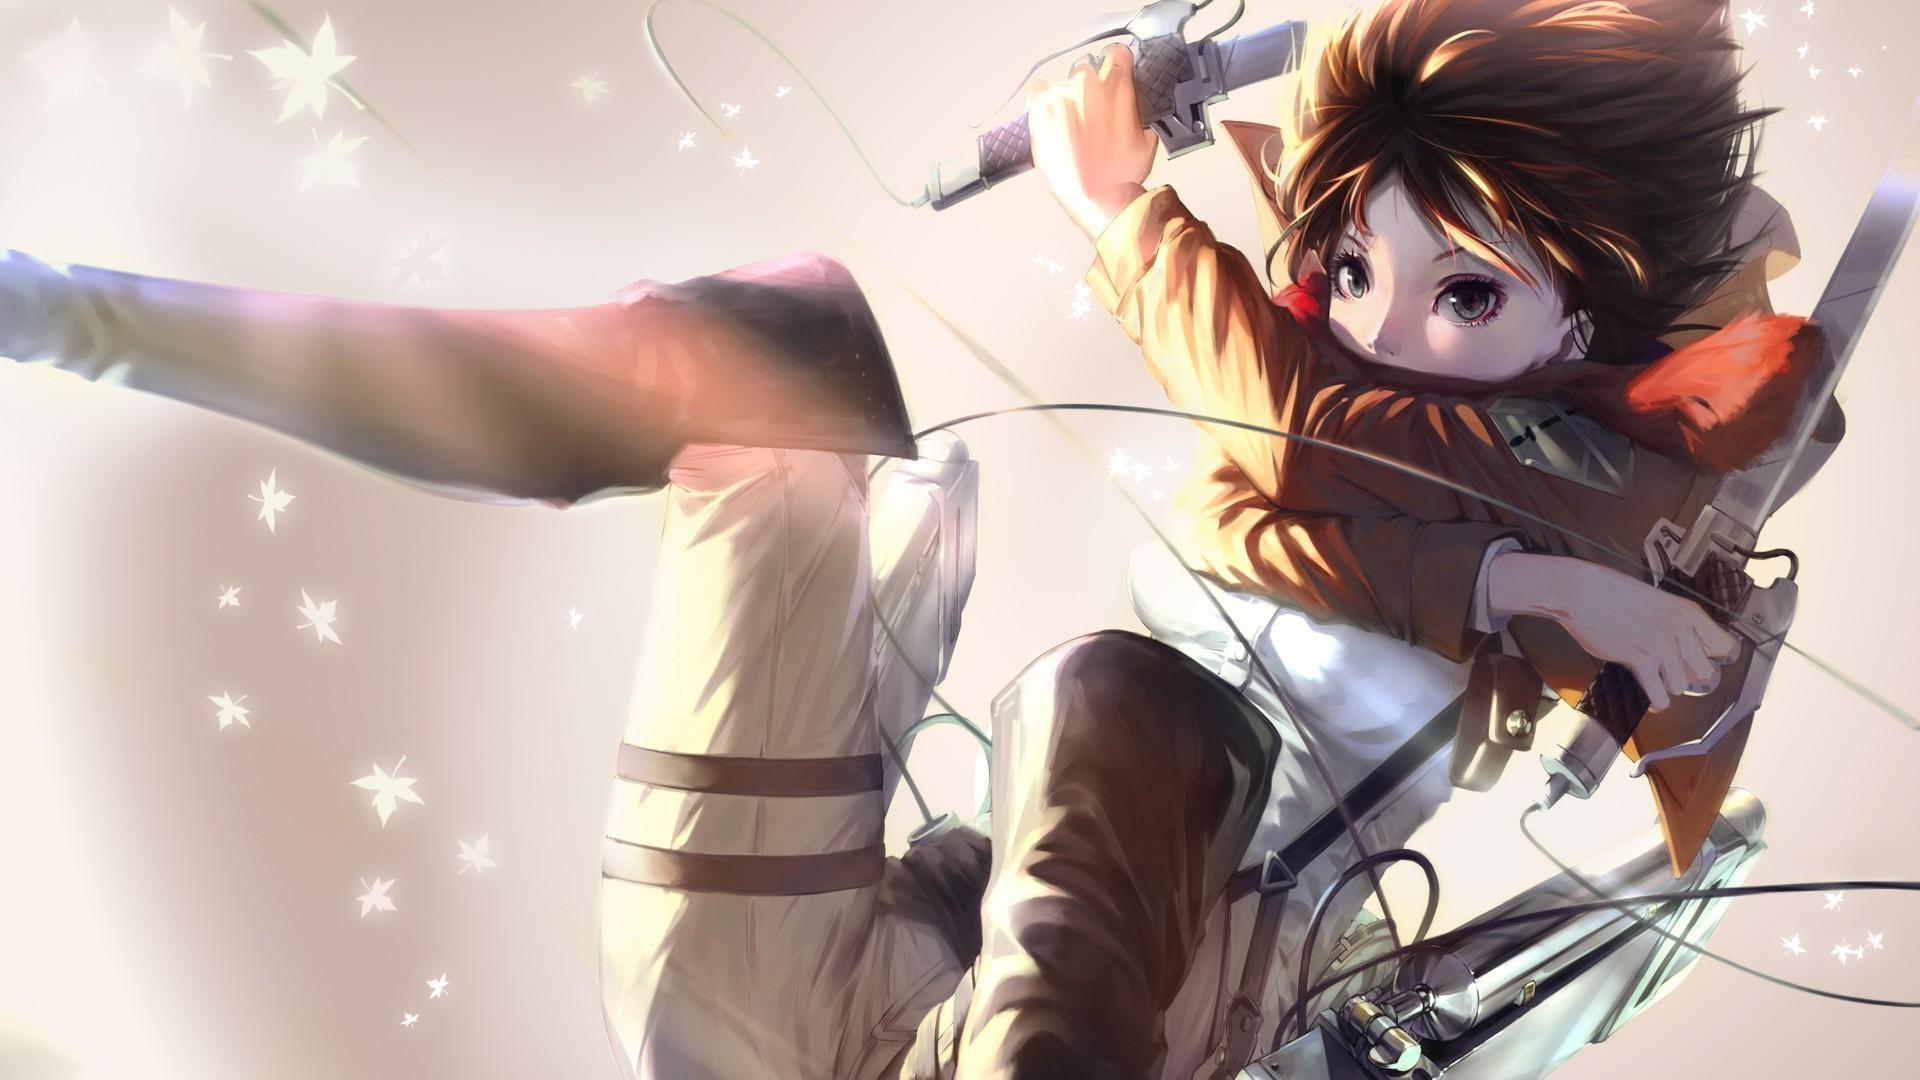 Anime gamer wallpaper 71 images - Anime hd wallpaper 1920x1080 ...